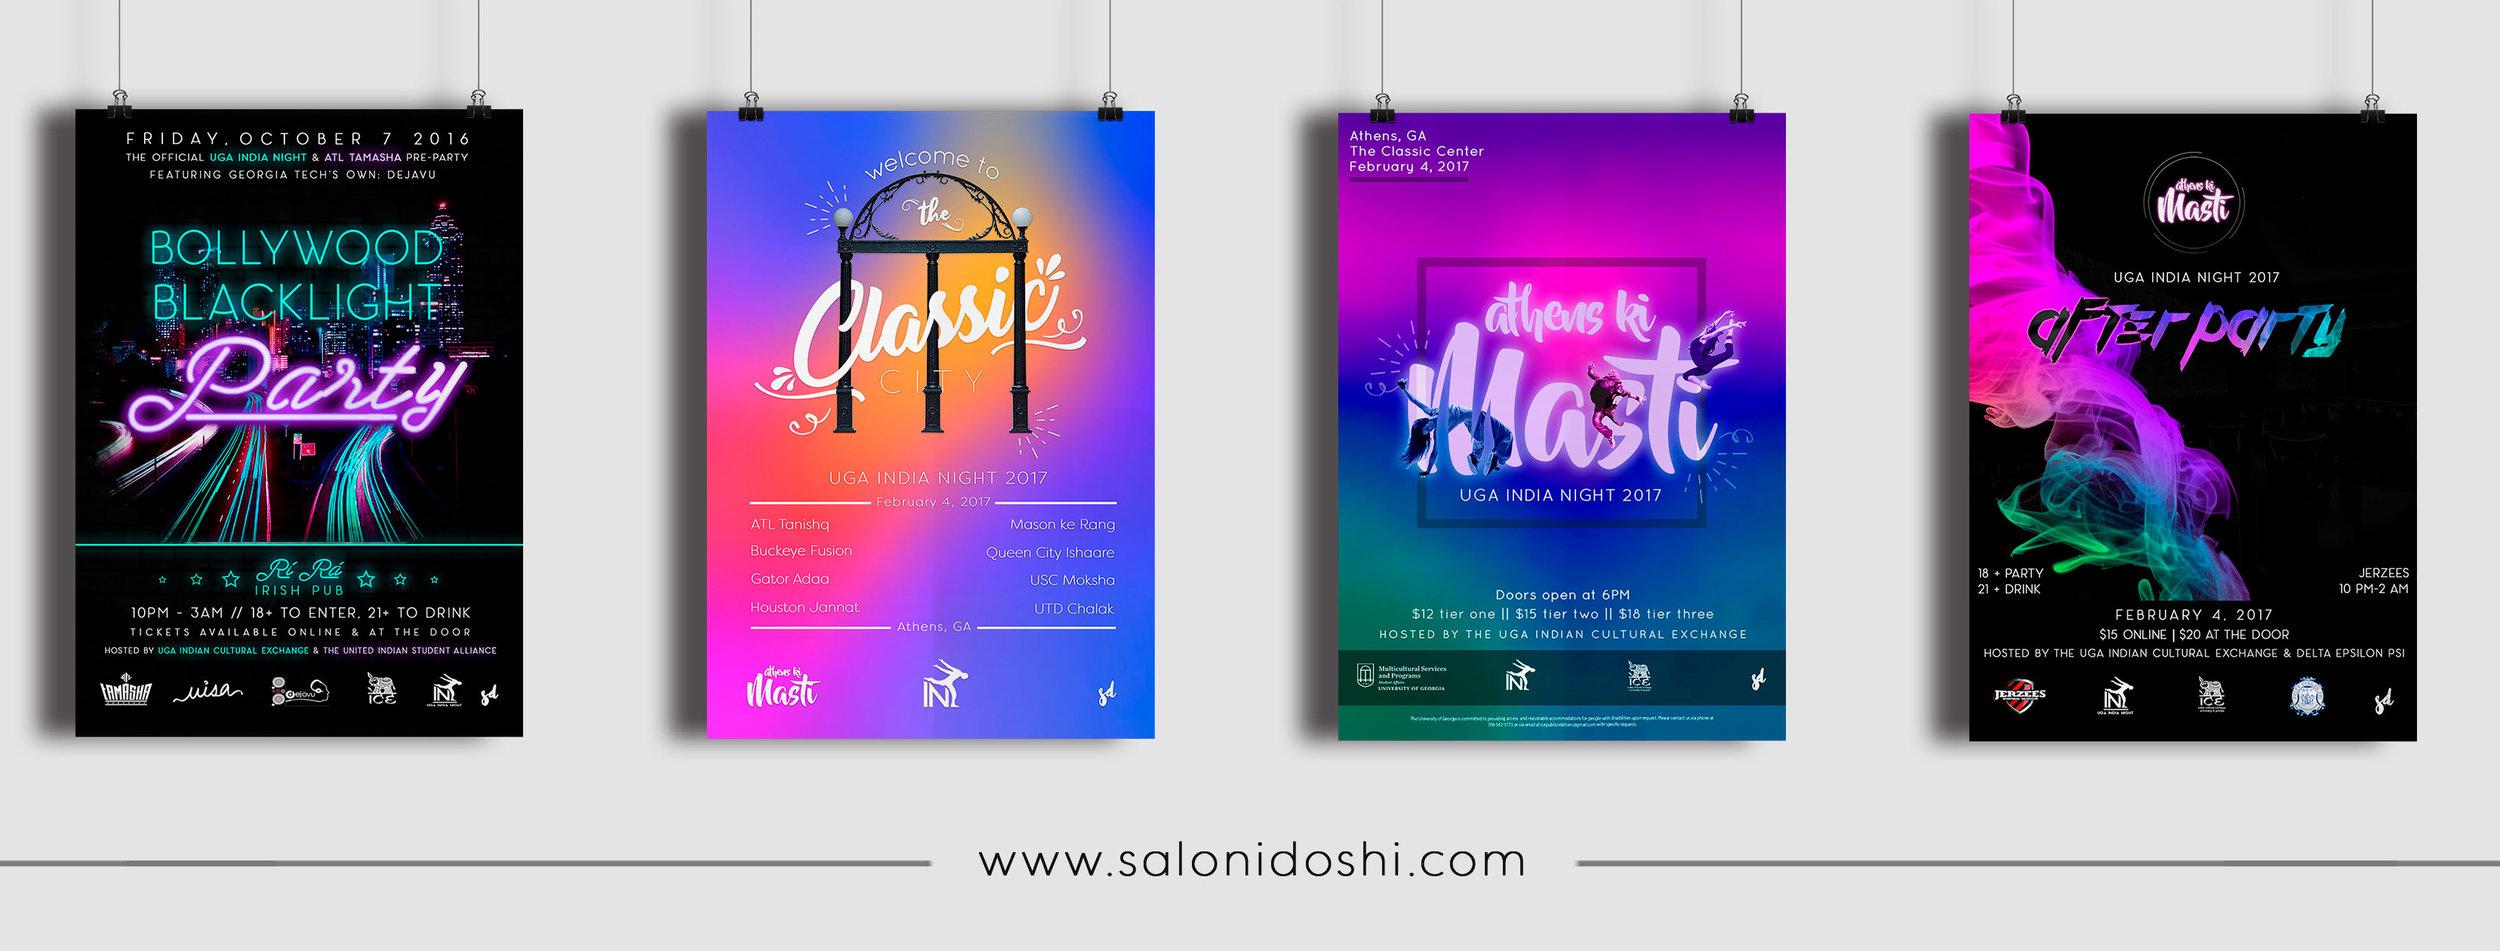 Portfolio_Banners_UIN.jpg